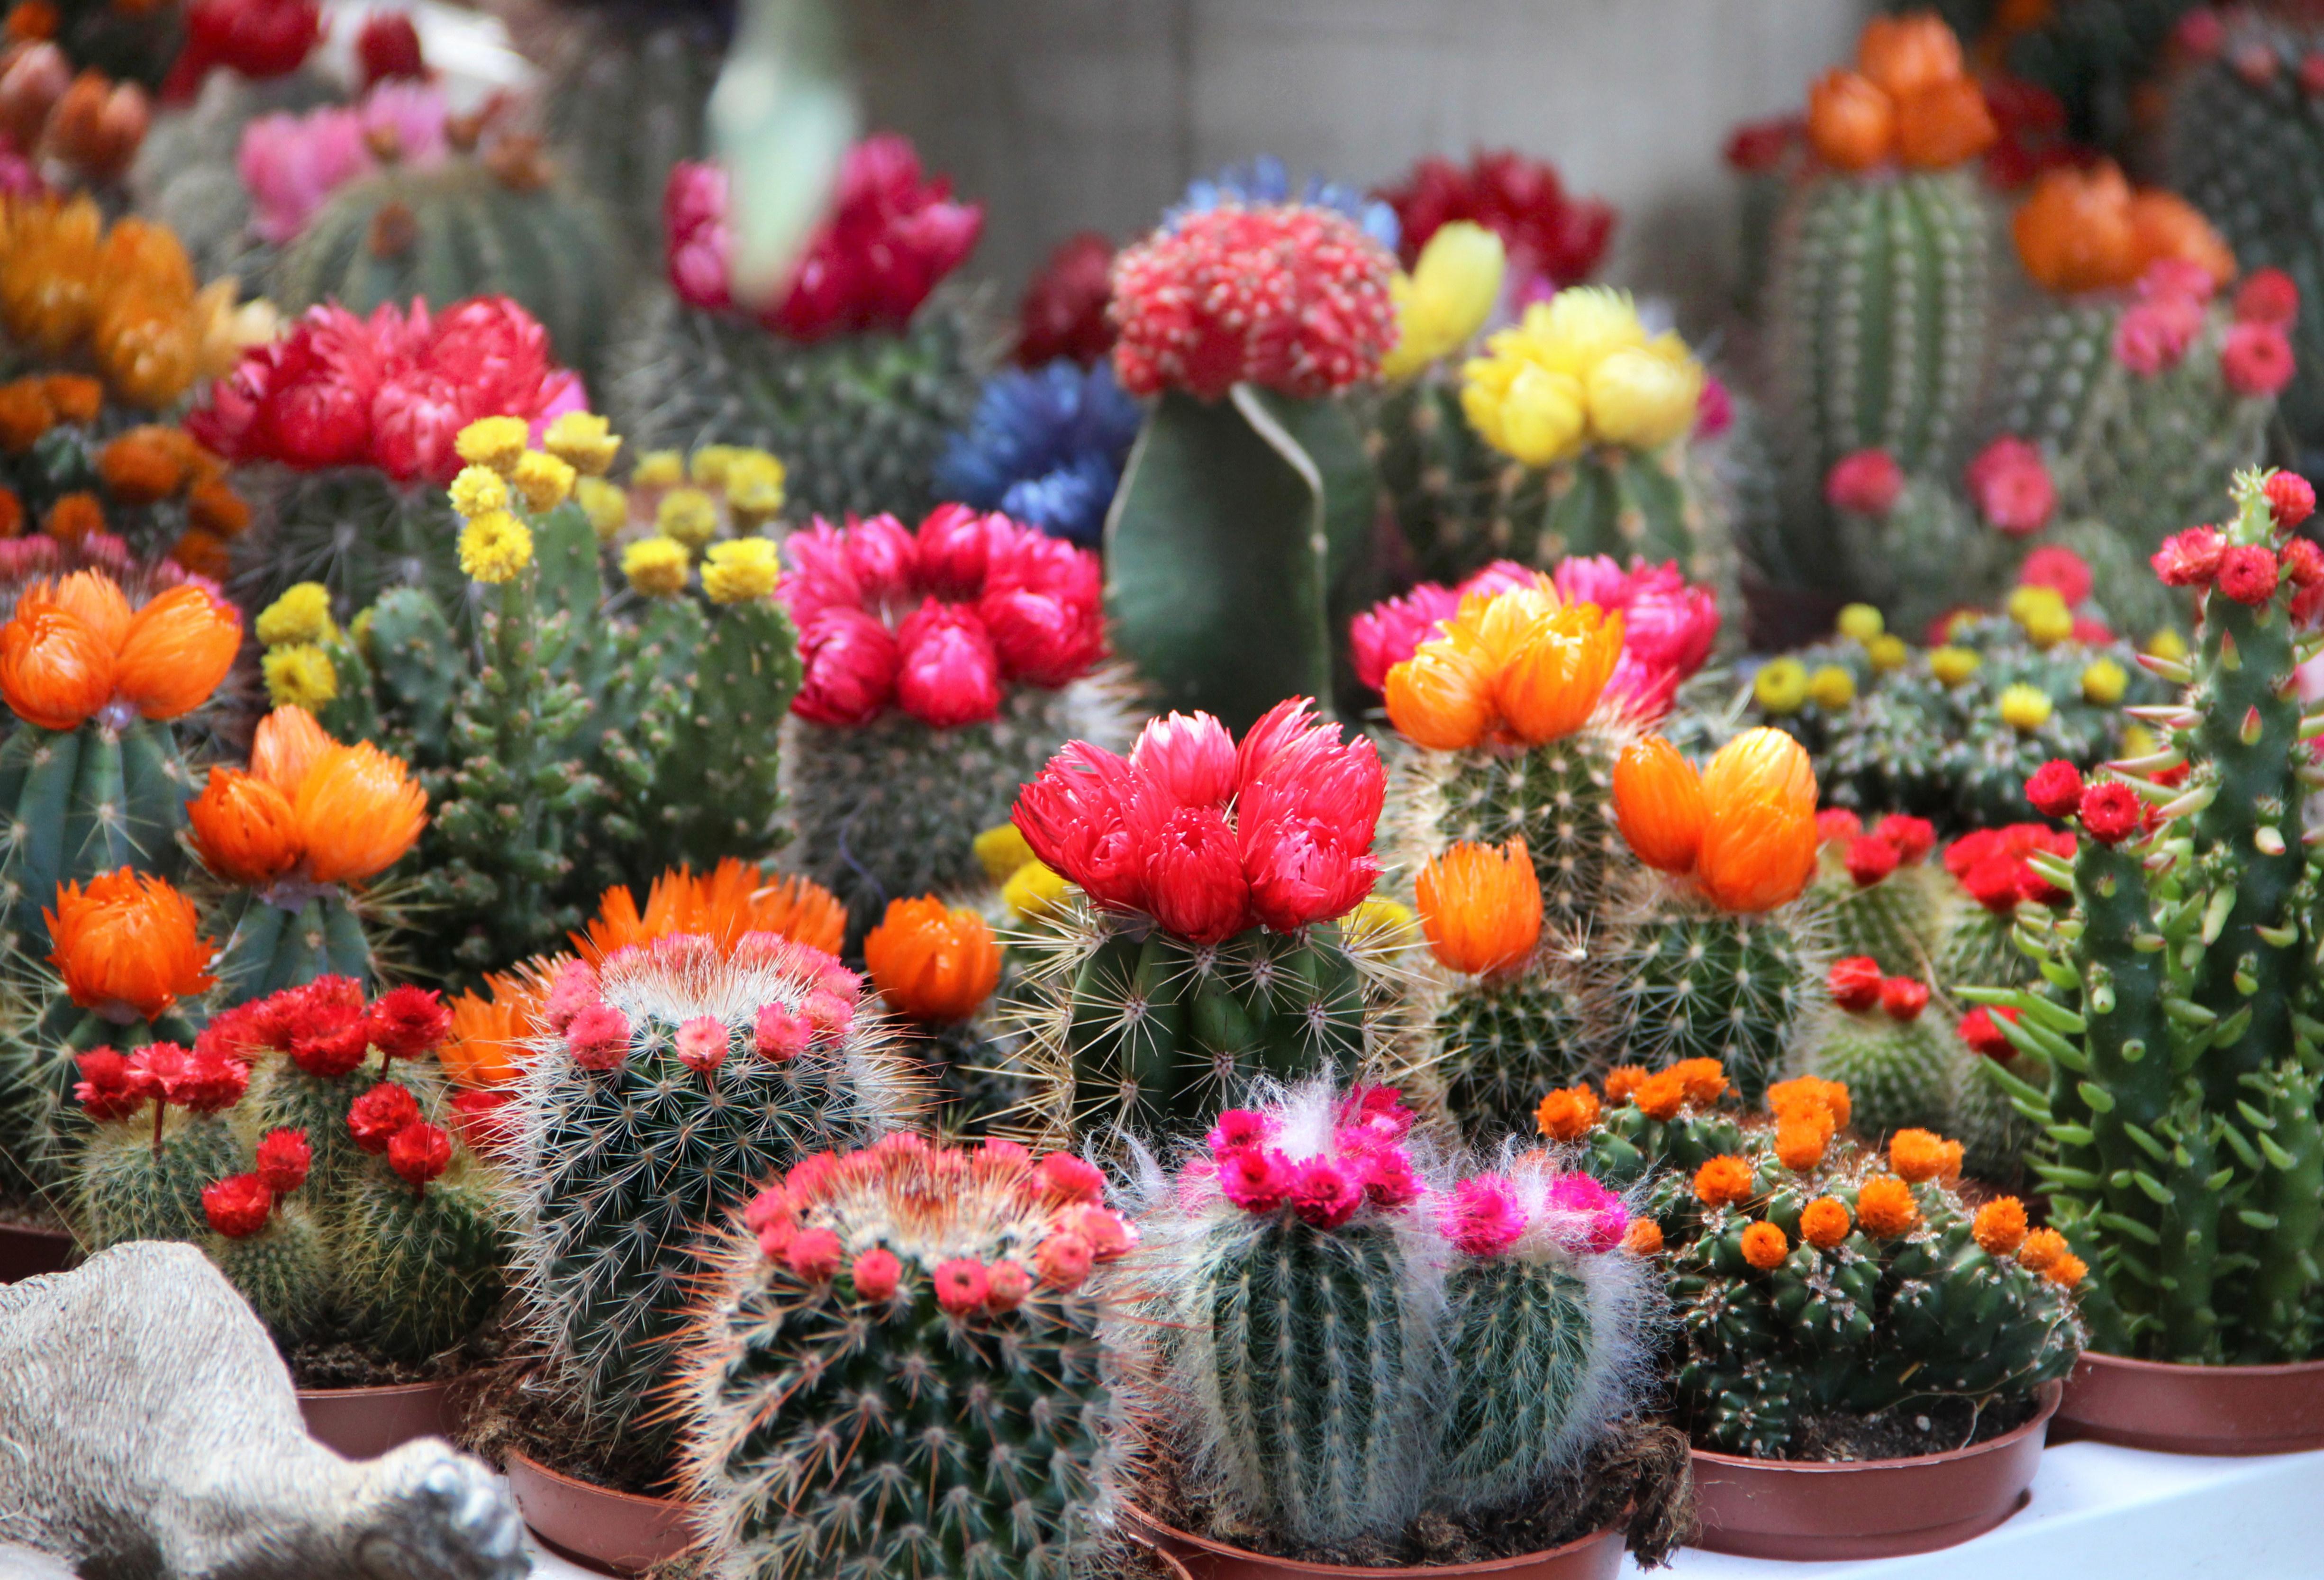 サボテンの花言葉を種類別に紹介!ギフトにもおすすめのサボテンは?